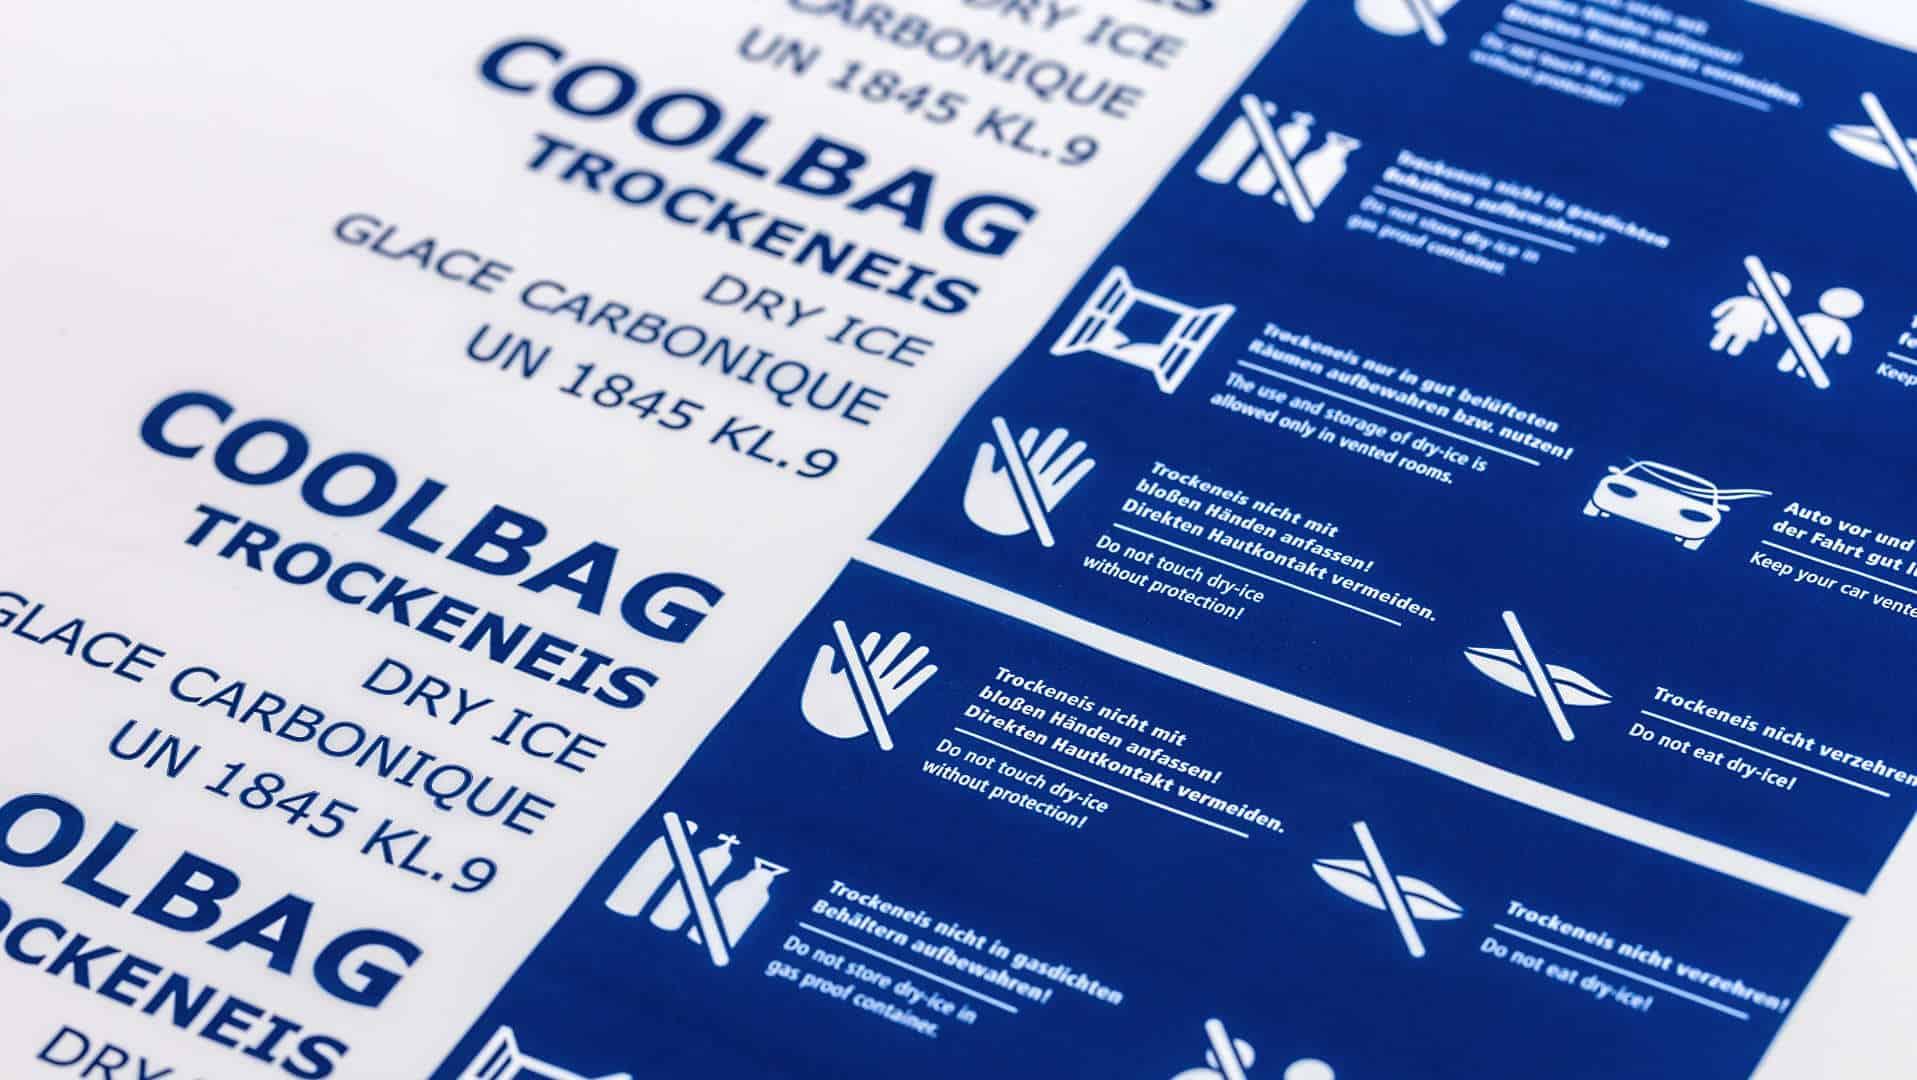 Trockeneis Coolbags mit Sicherheitshinweisen